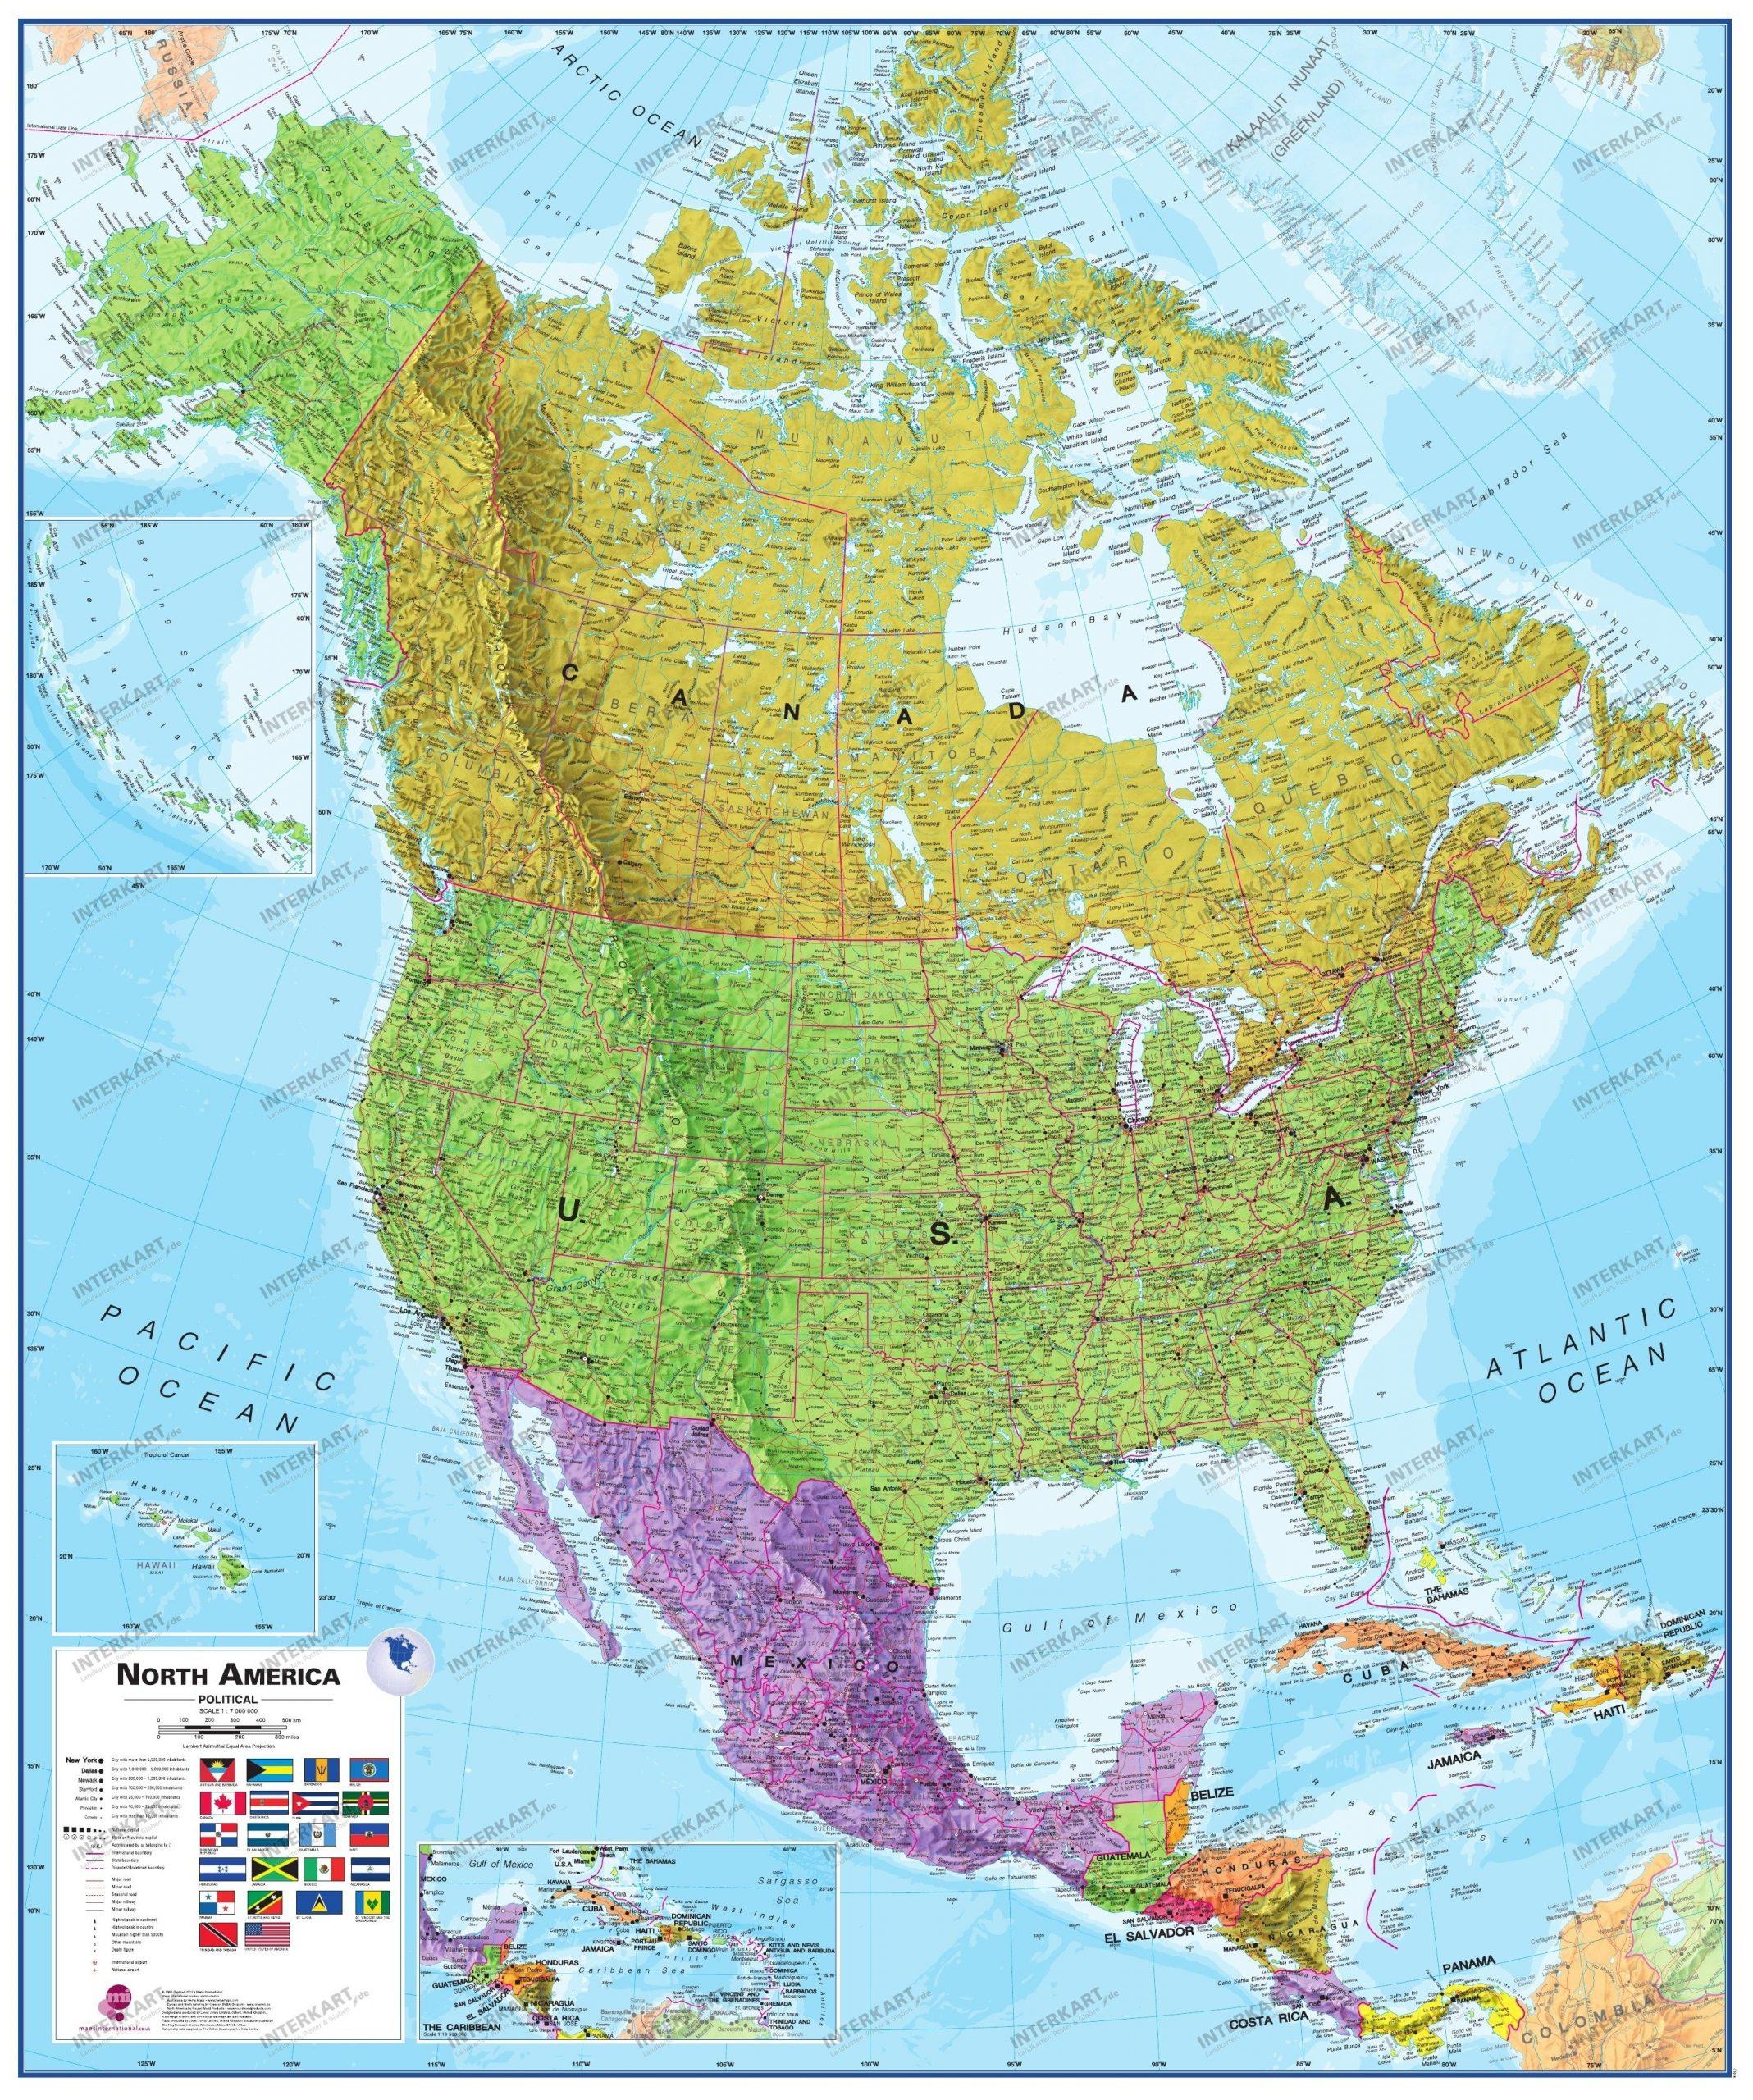 Nordamerika Karte Politisch 100 X 120Cm für Nordamerika Karte Mit Staaten Städte